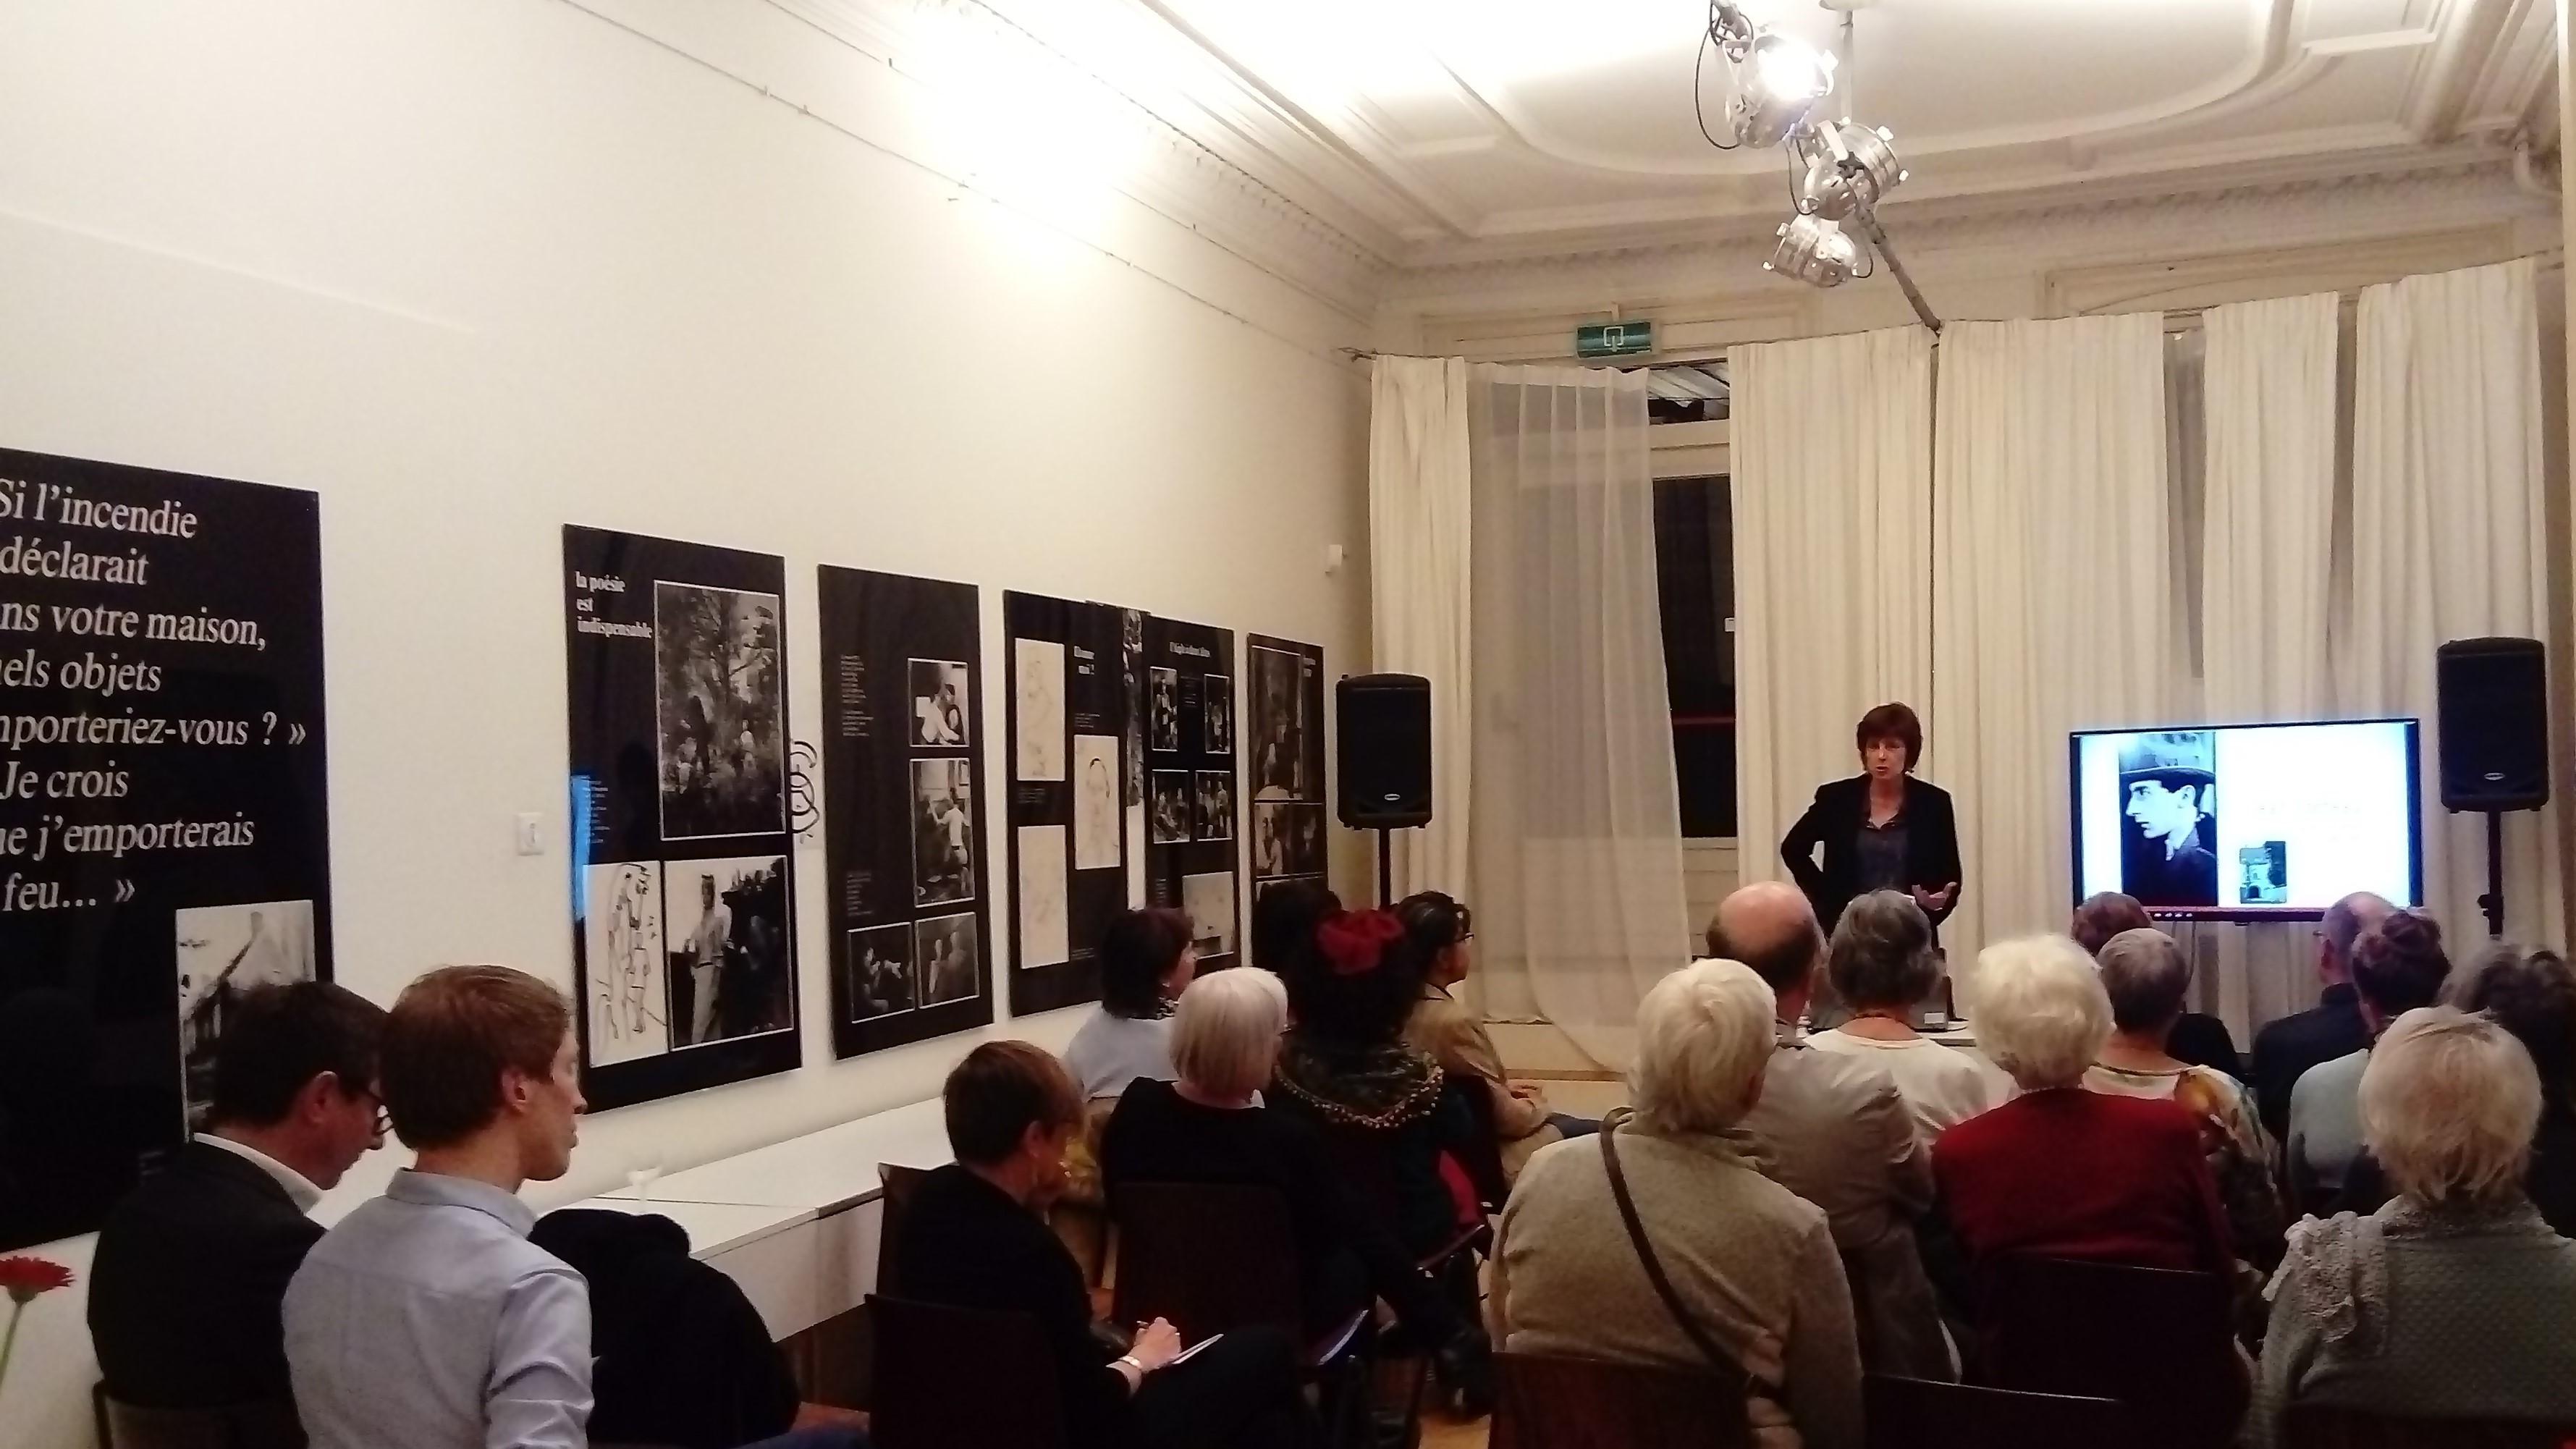 Lezing over Jean Cocteau – Conférence sur Jean Cocteau